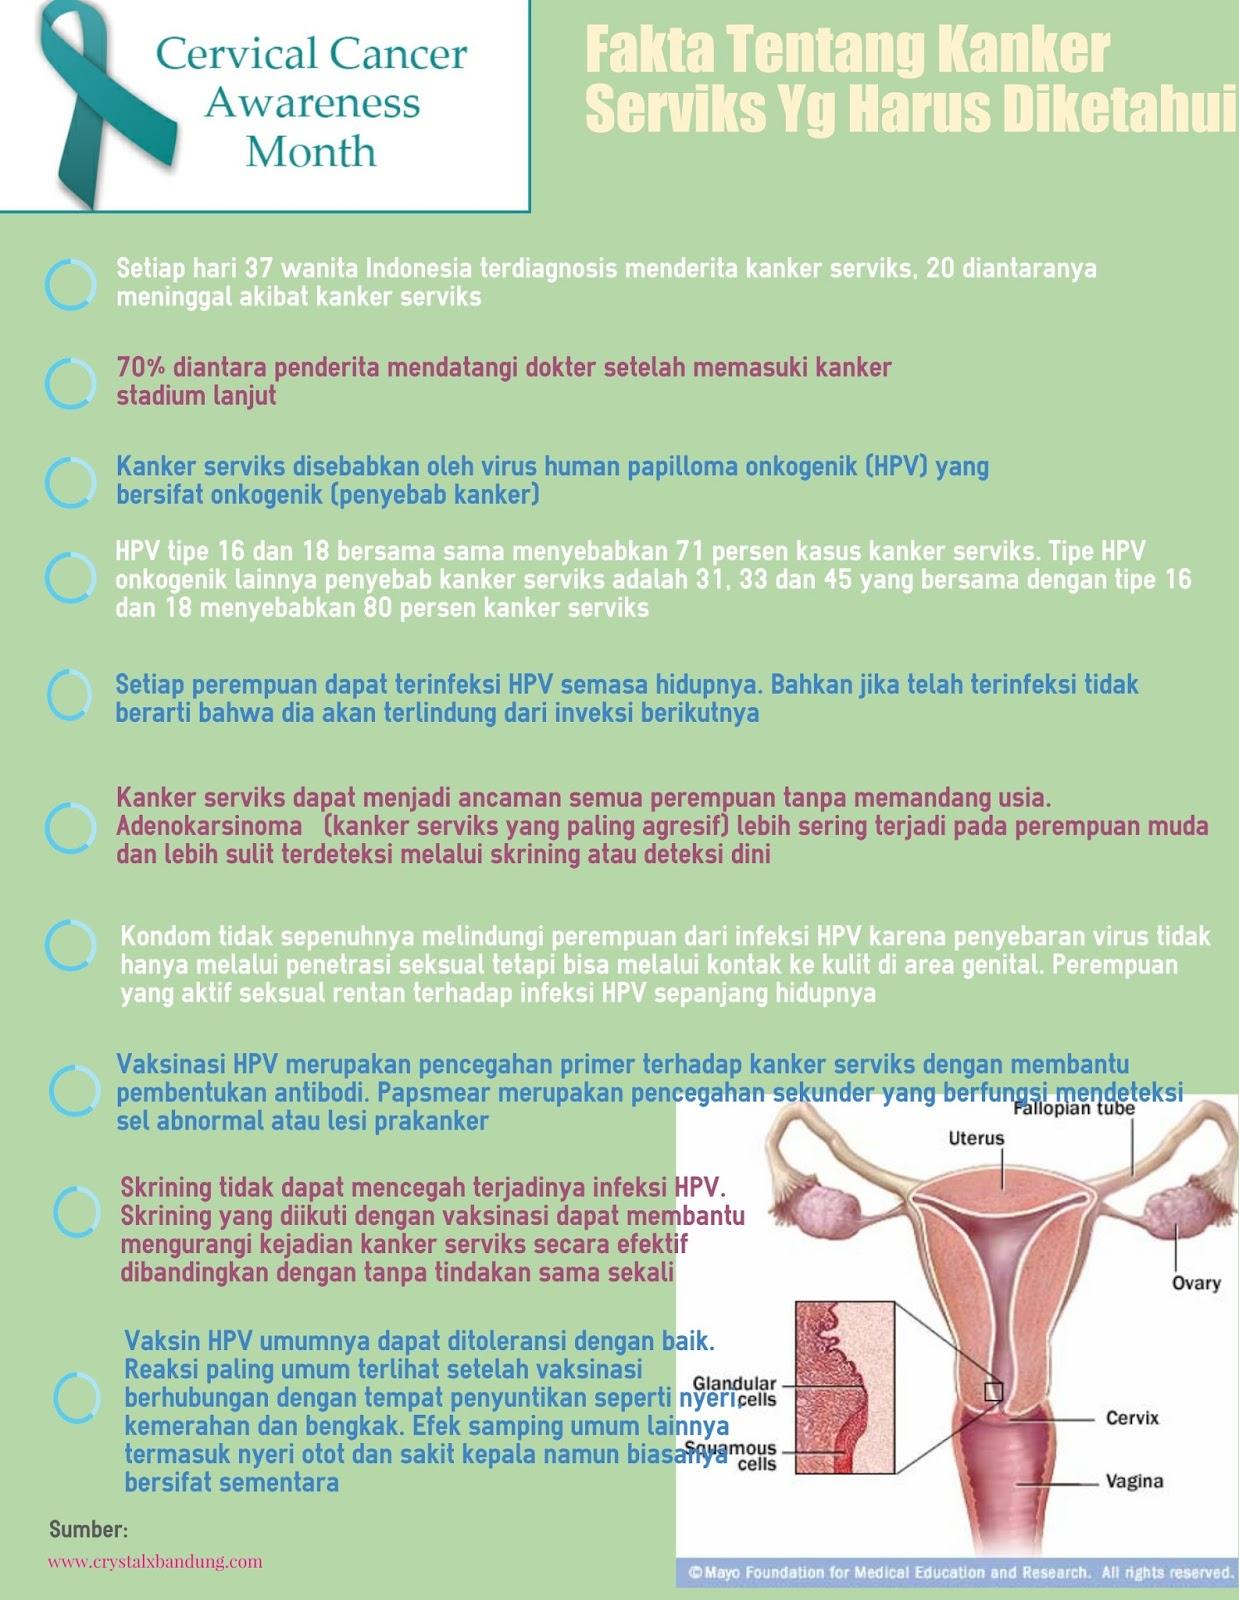 fakta tentang kanker serviks di Indonesia